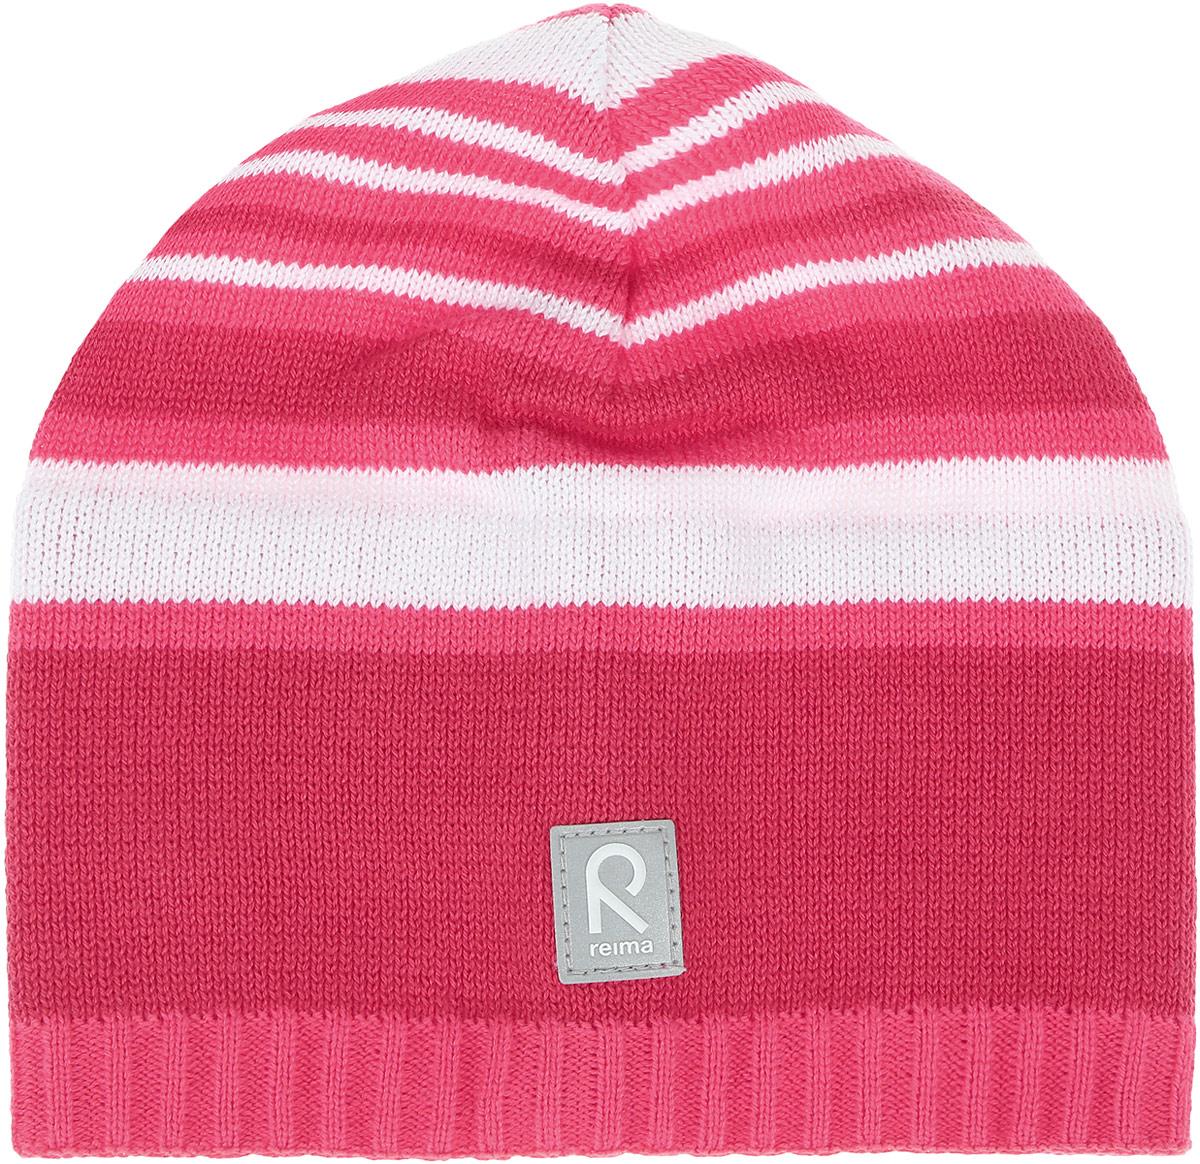 Шапка детская Reima Datoline, цвет: розовый, белый. 528510336A. Размер 50528510336AУдобная трикотажная шапка из хлопка подойдет на все случаи жизни. Полуподкладка из хлопчатобумажного трикотажа гарантирует тепло, а ветронепроницаемые вставки между верхним слоем и подкладкой защищают уши. Светоотражающая эмблема спереди позволяет лучше разглядеть ребенка после захода солнца.